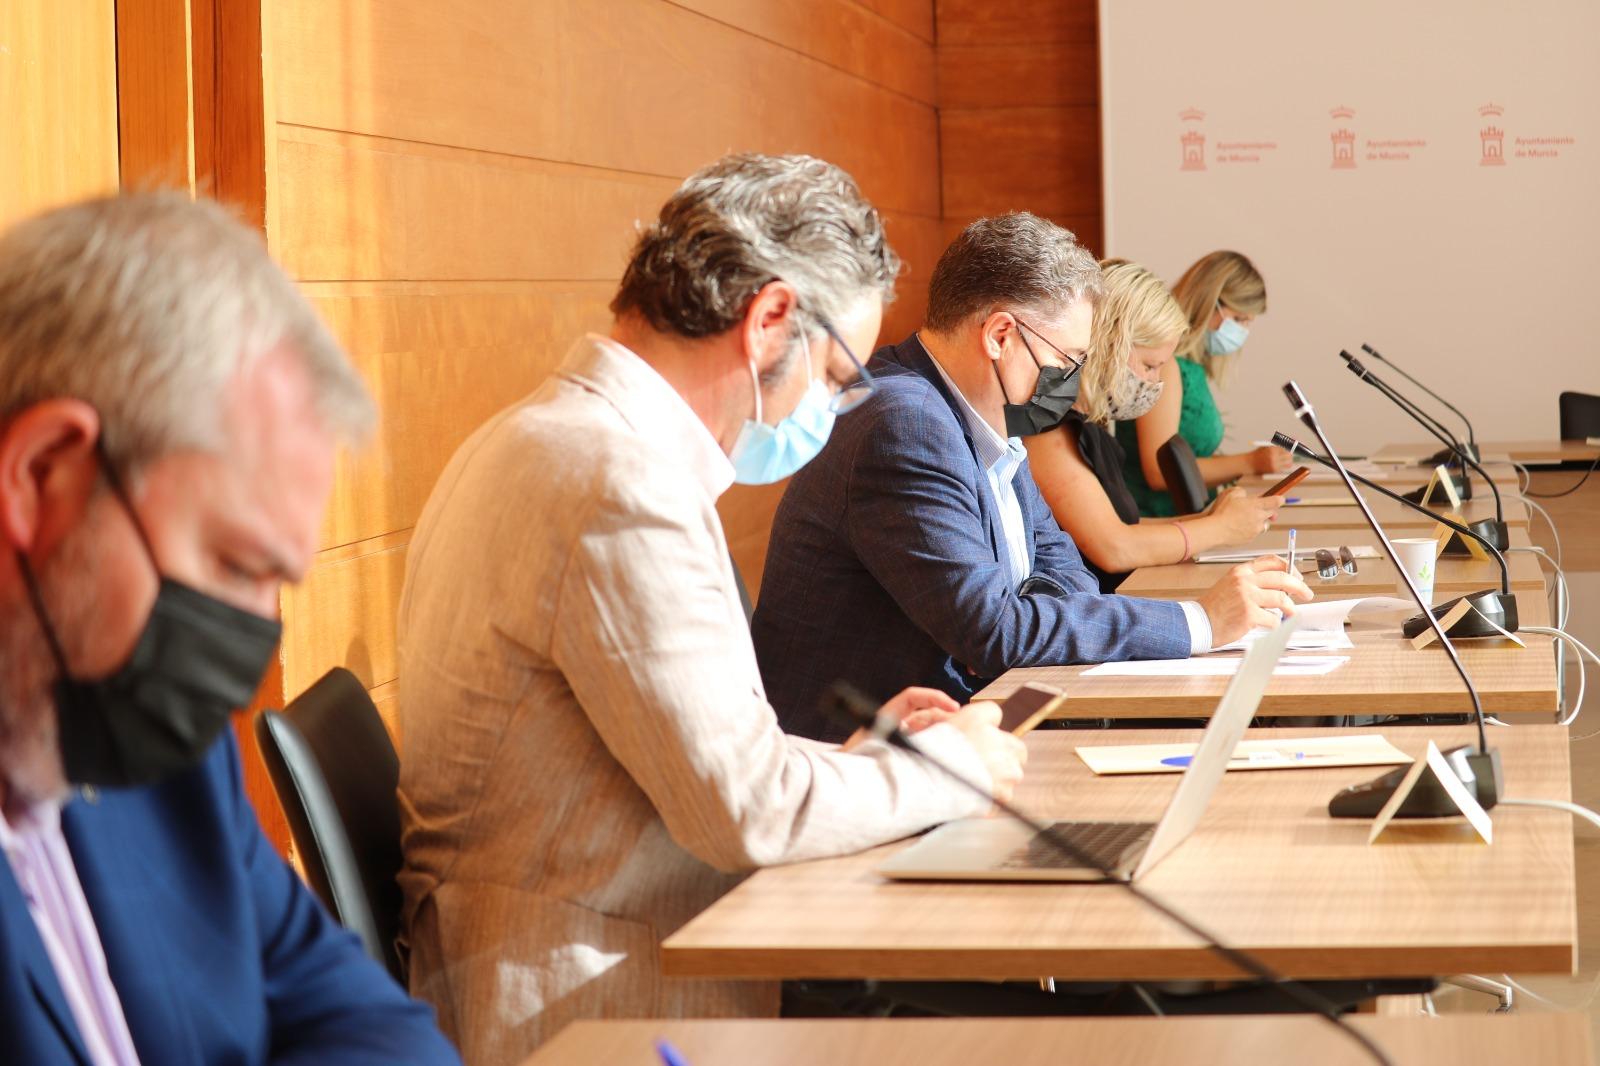 El municipio de Murcia contará con 17 nuevos puntos de recarga para vehículos eléctricos